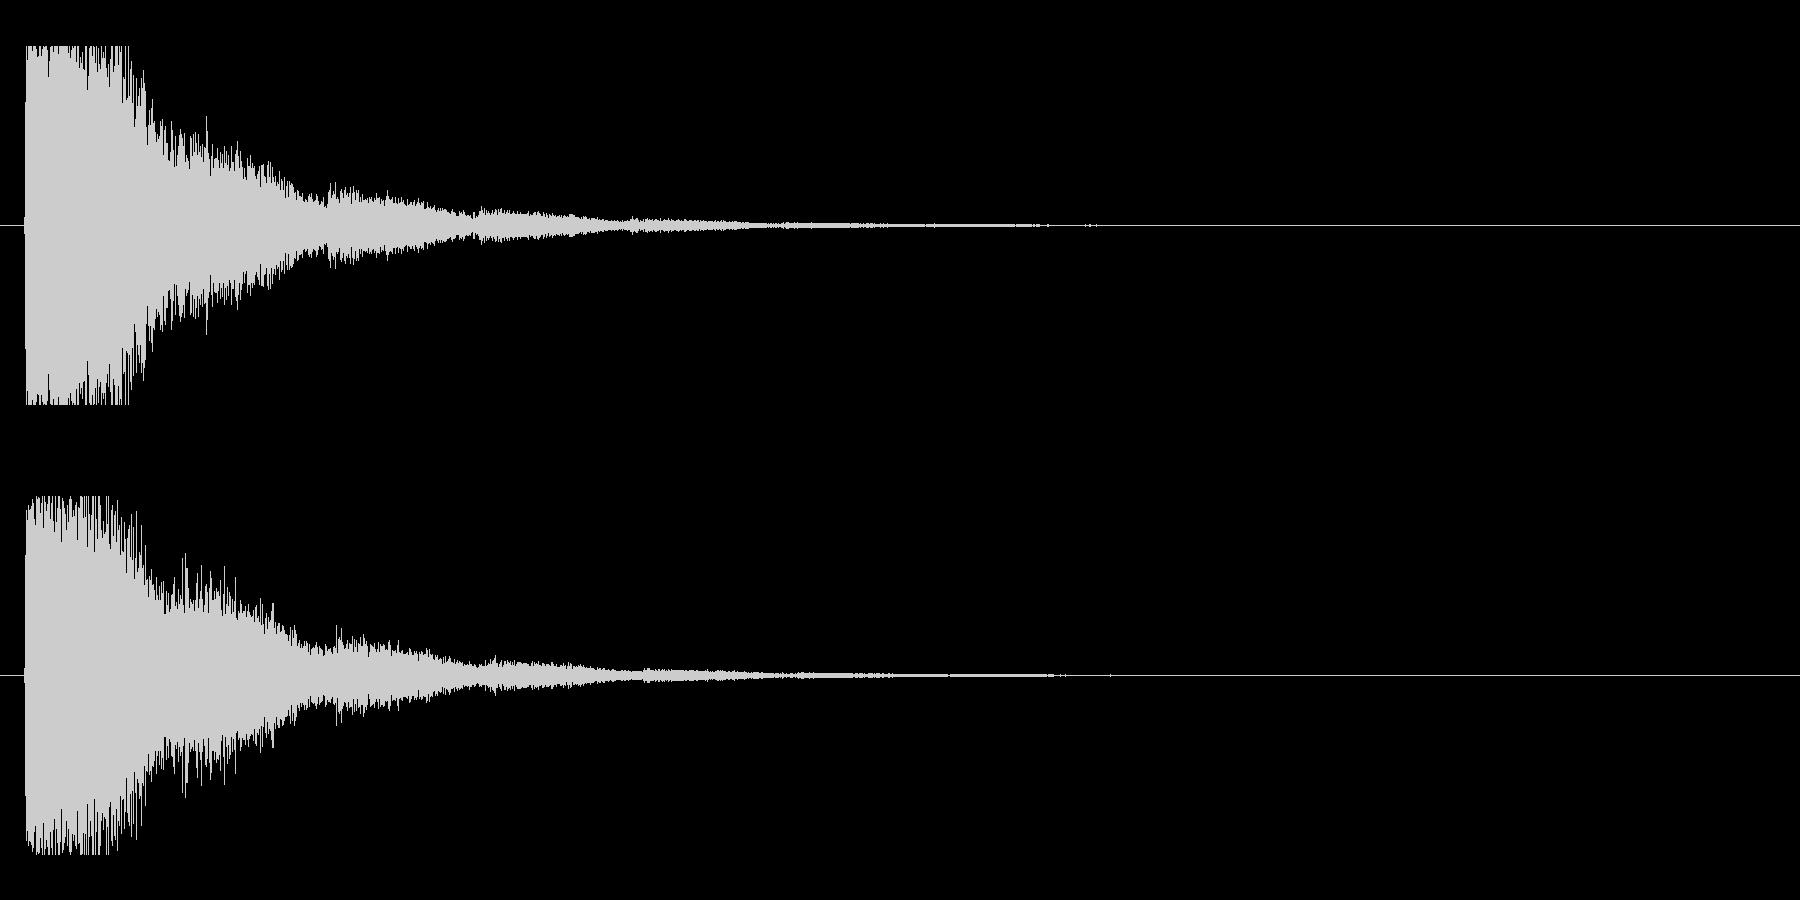 レーザー音-14-2の未再生の波形